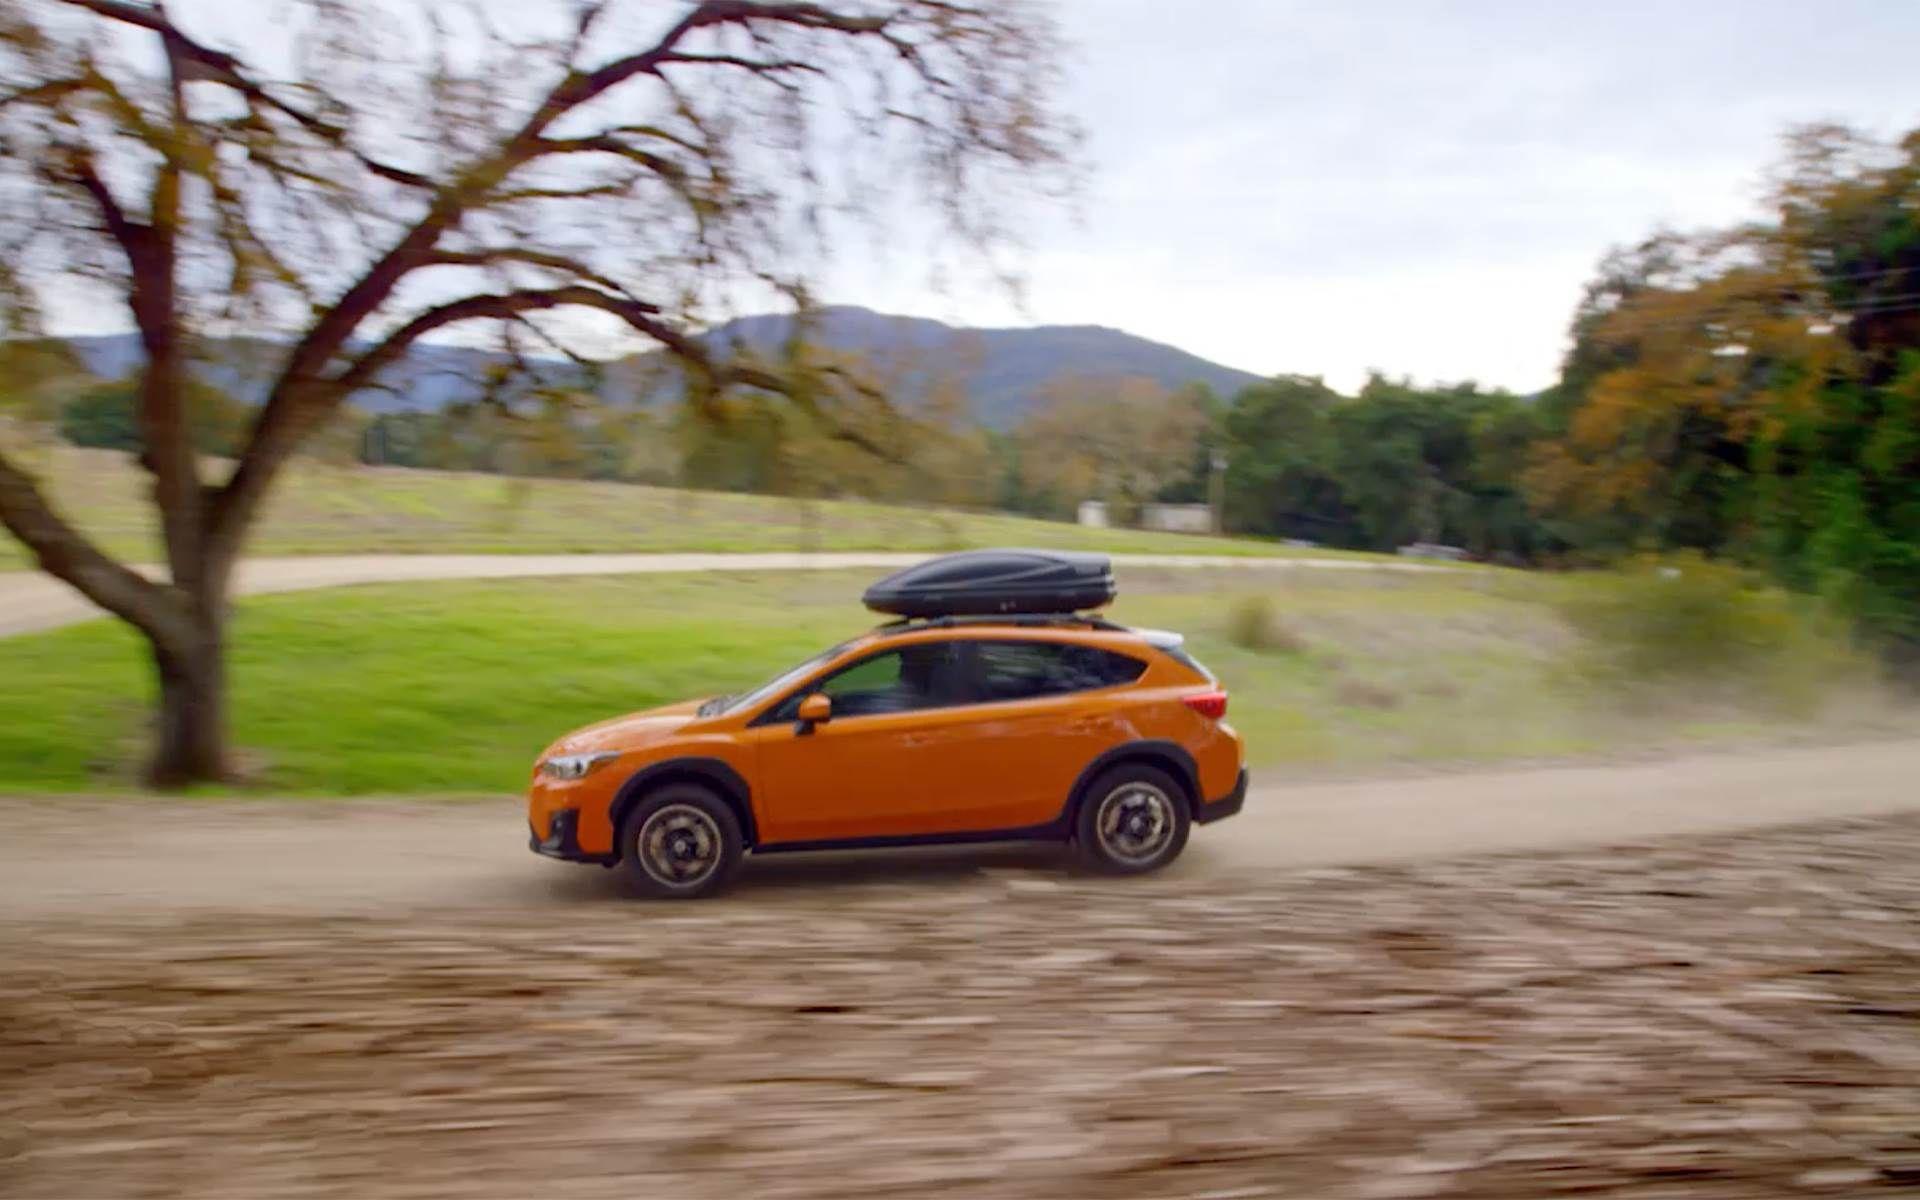 2020 Subaru Crosstrek in 2020 (With images) Subaru